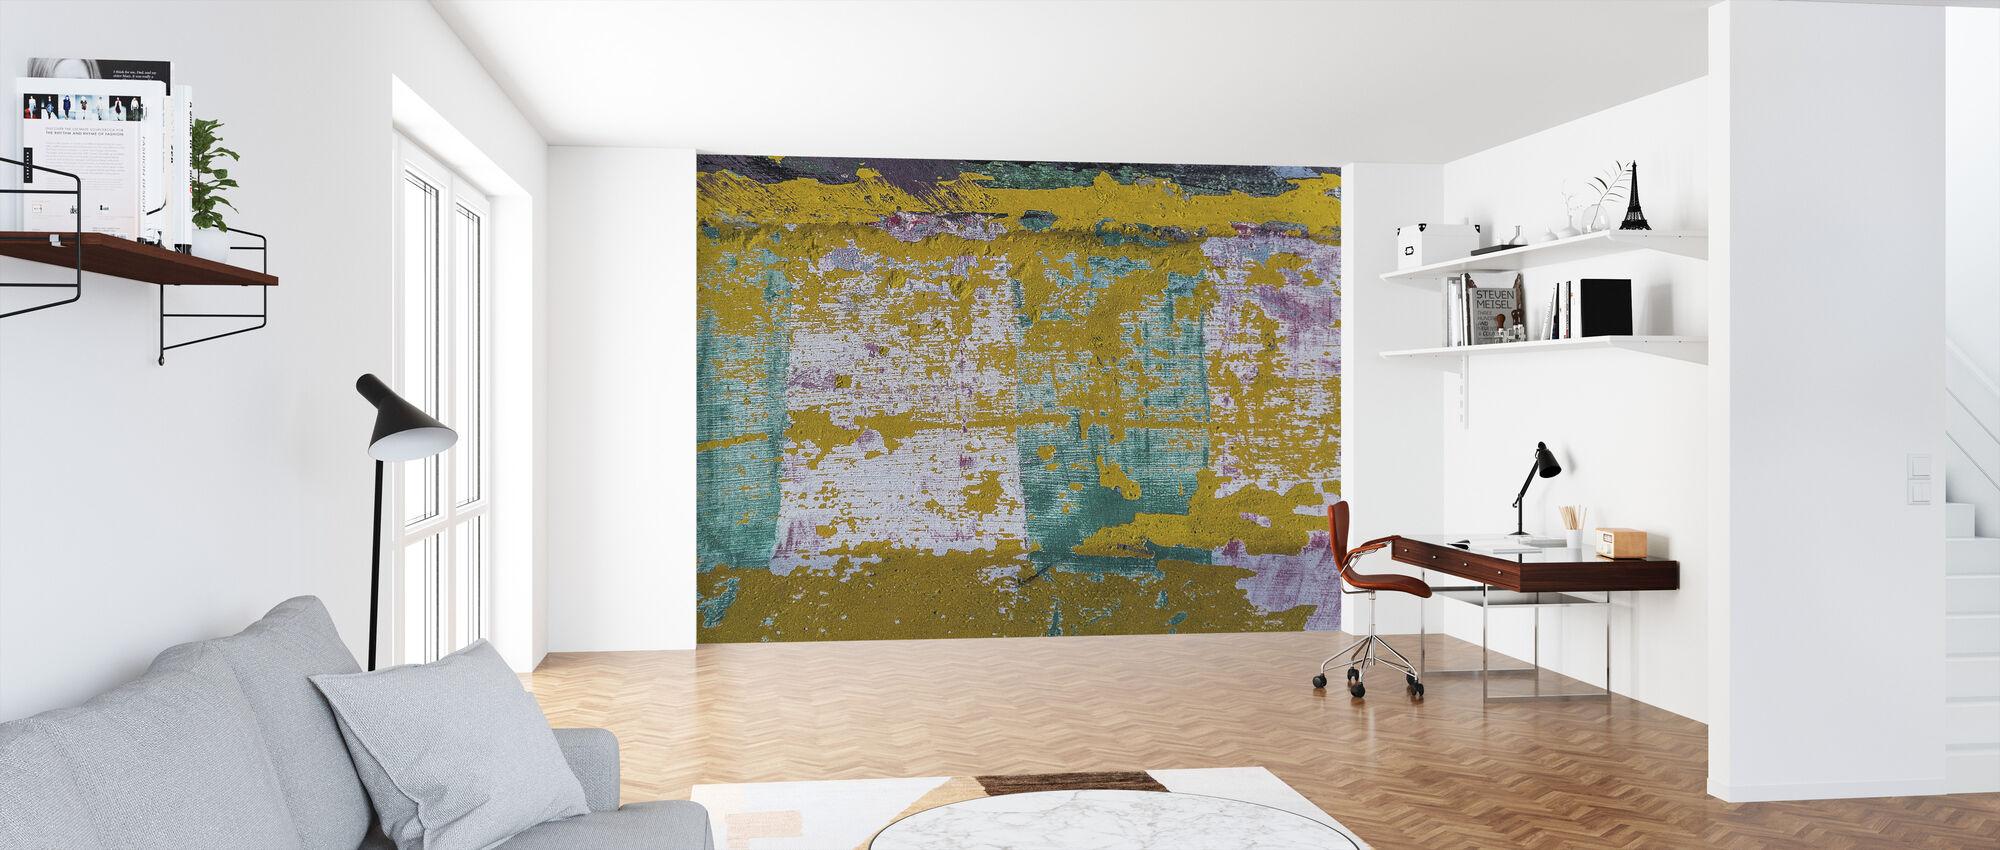 Abstrakti seinämaali - Tapetti - Toimisto